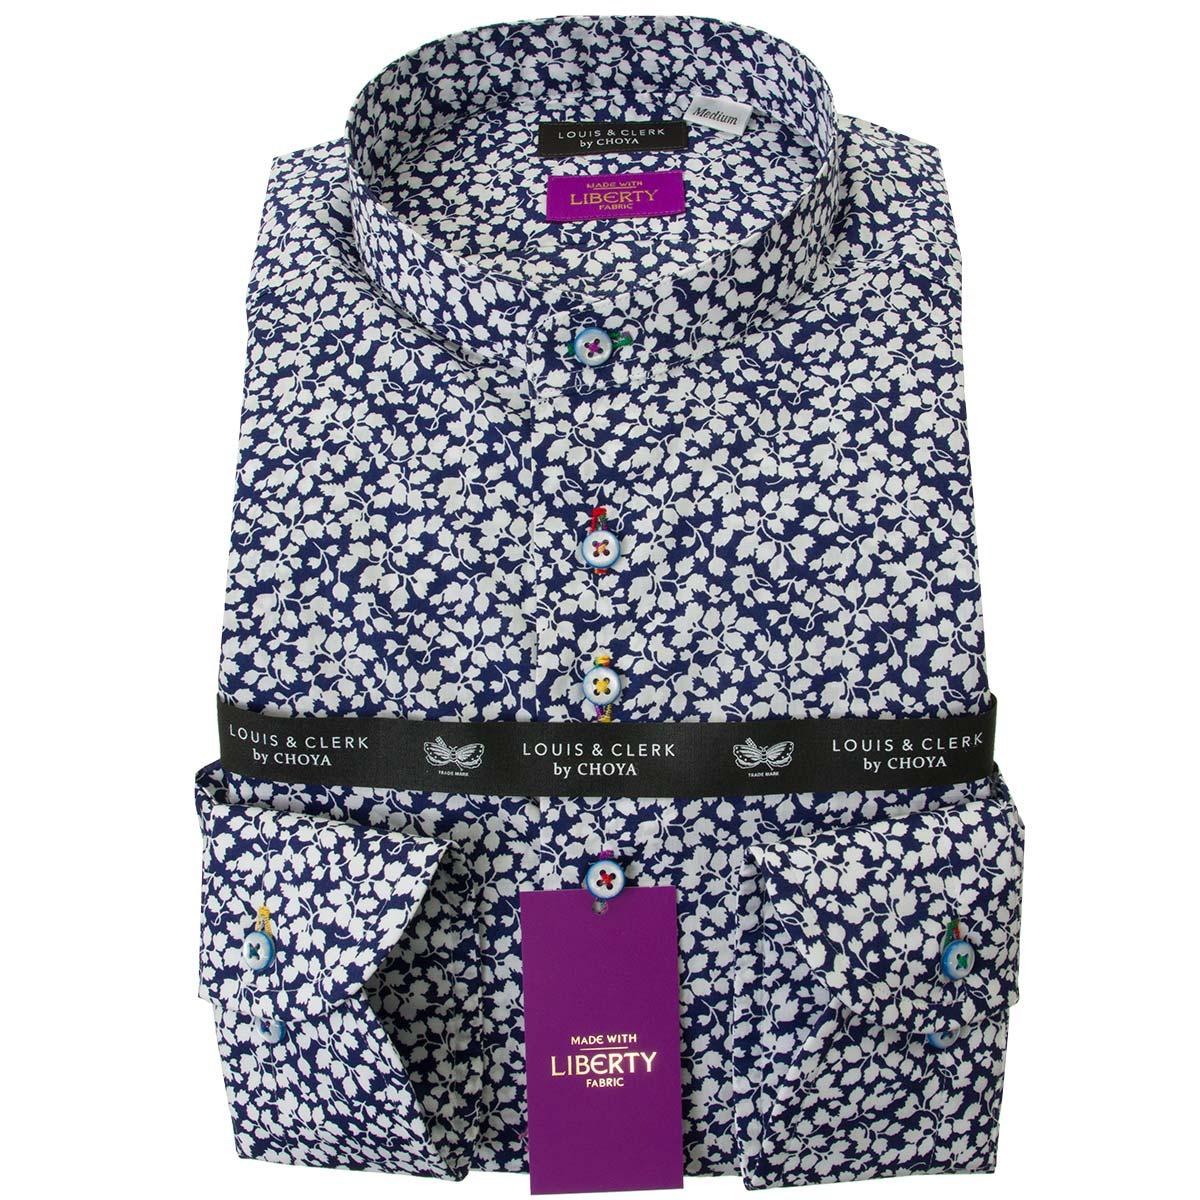 リバティプリント タナローン ドレスシャツ ワイシャツ シャツ メンズ 国産 長袖 綿100% コンフォート スタンドカラー グレンジェイド タナローン